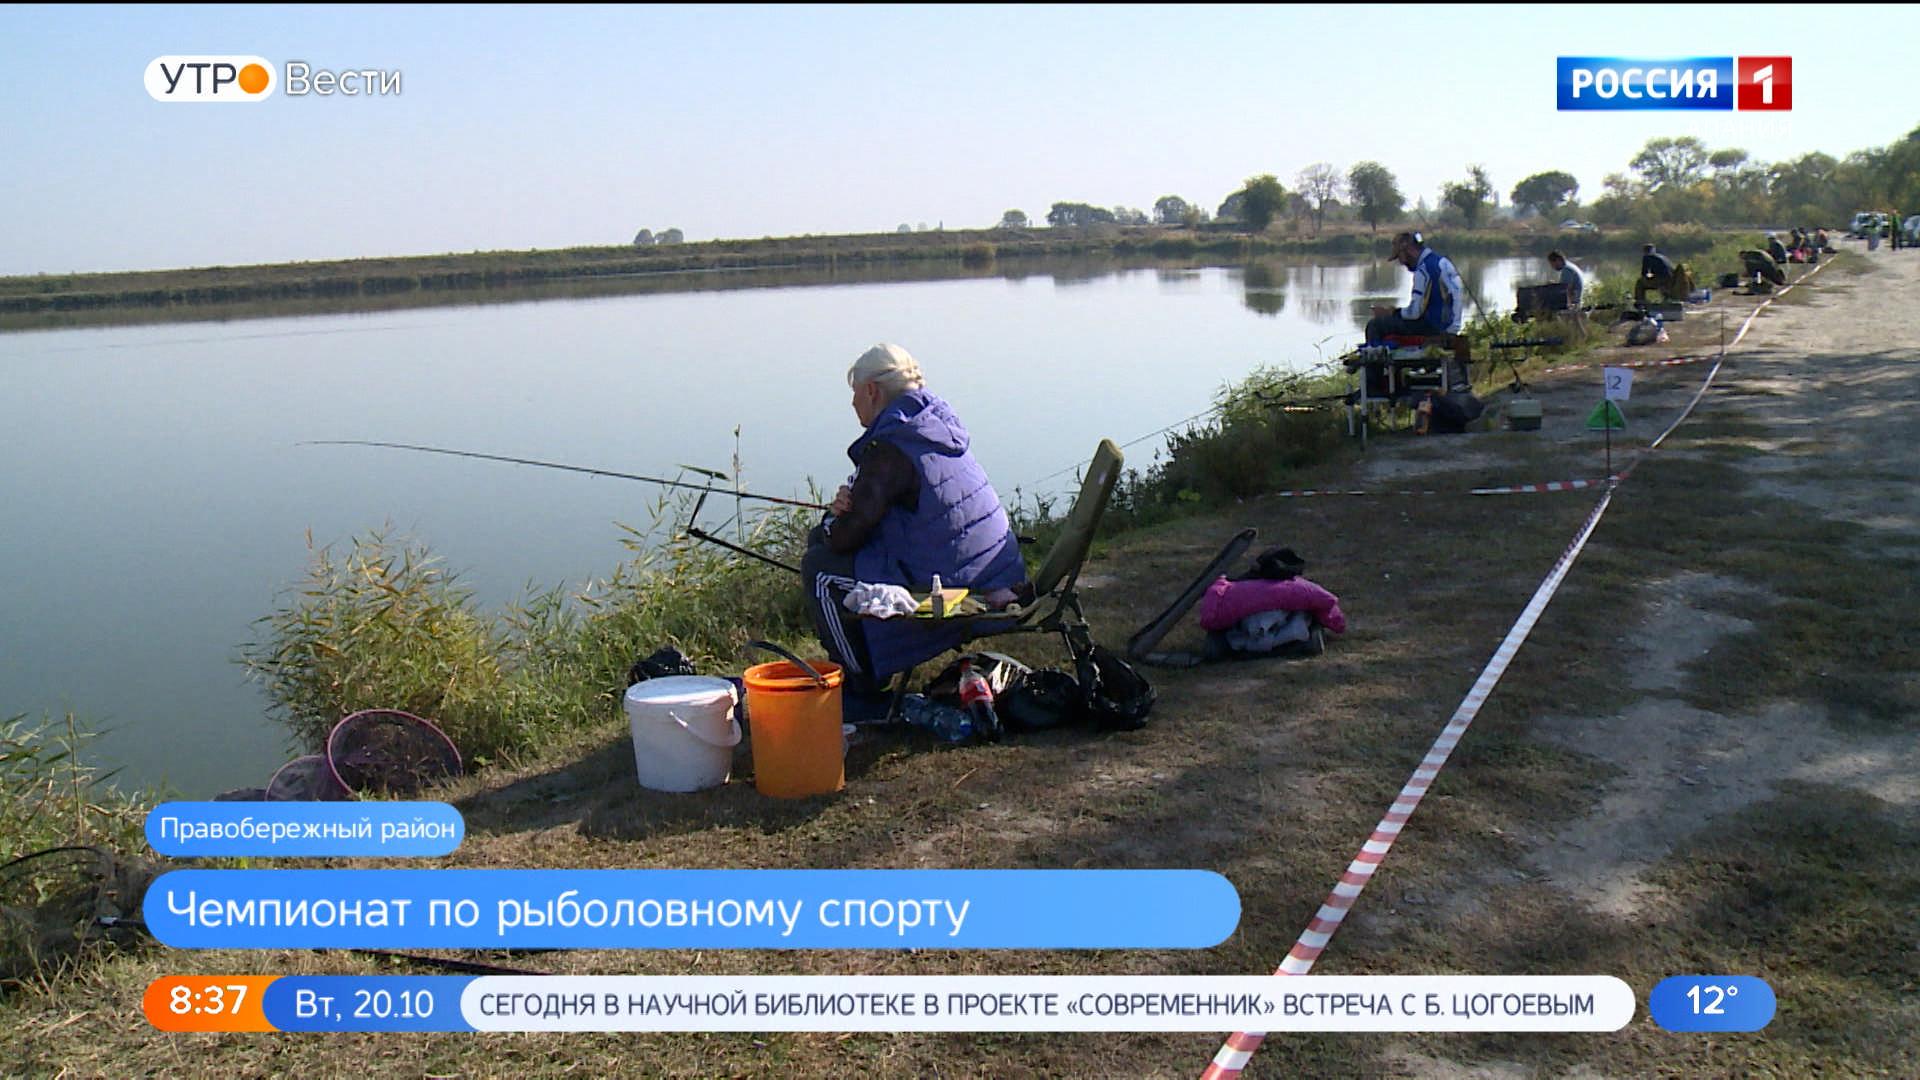 В Северной Осетии прошел чемпионат по рыболовному спорту